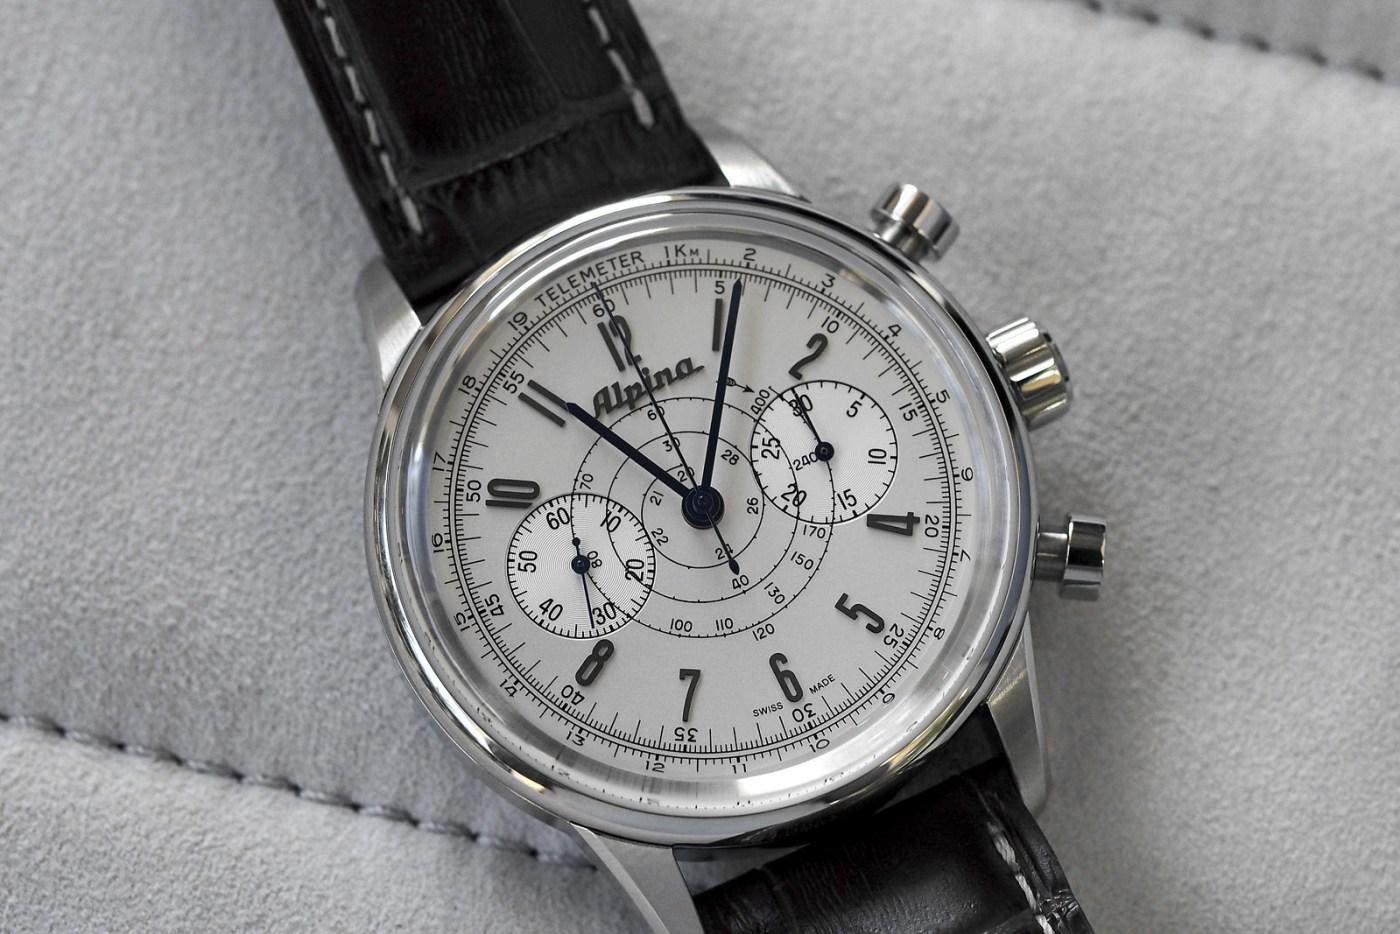 The Alpina 130 Pilot Chronograph